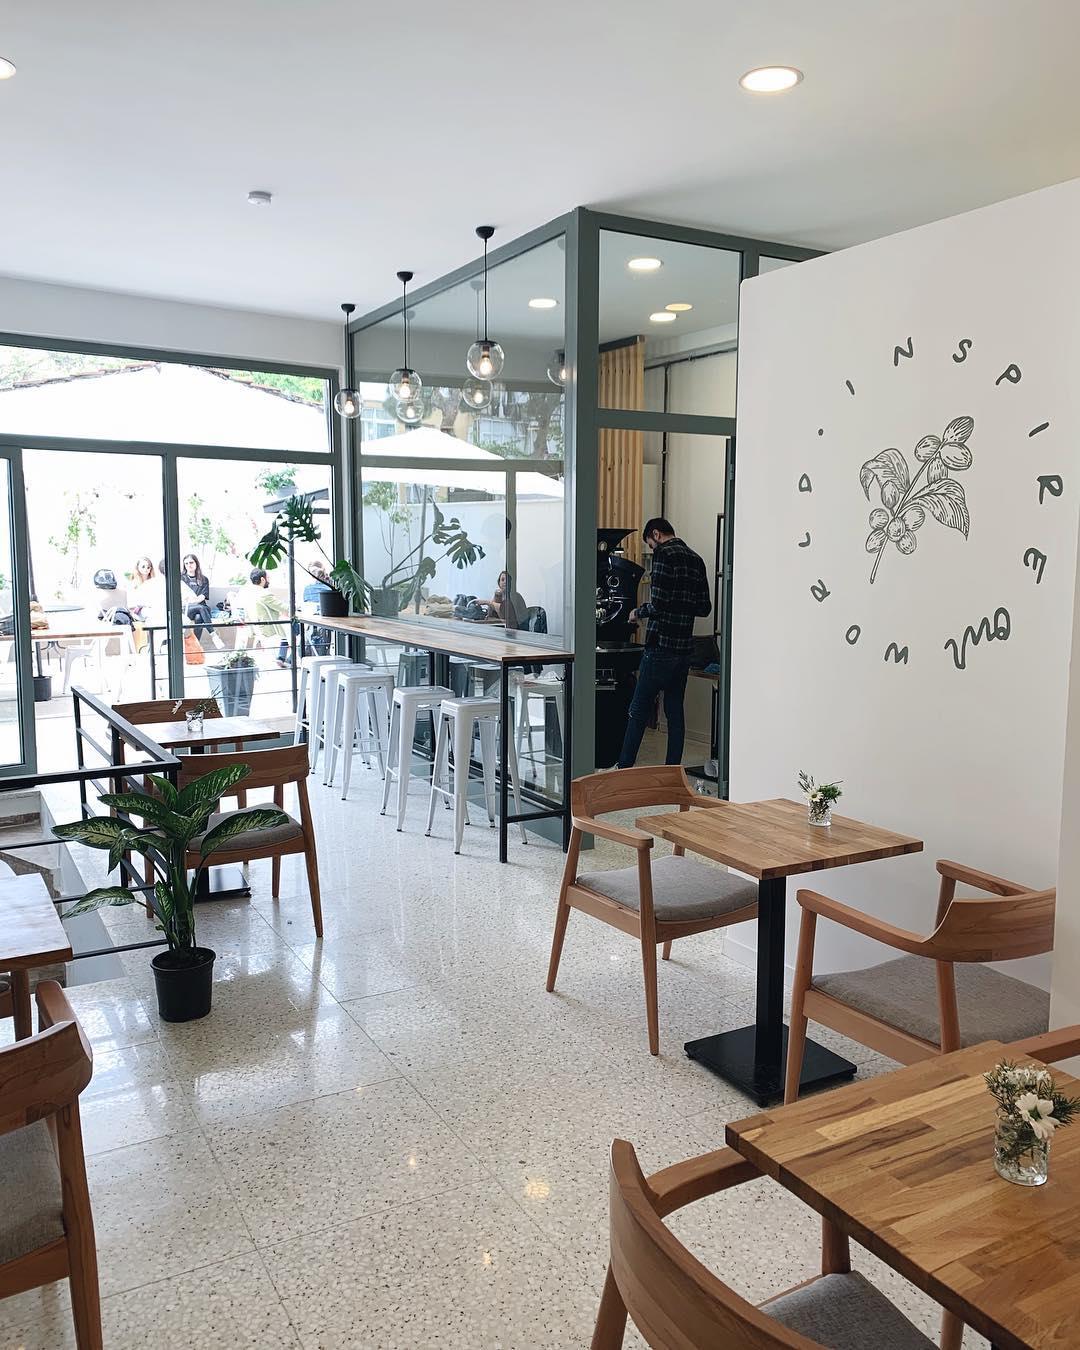 İstanbul Anadolu Yakasından 3. Dalga Kahveciler | Story Coffee